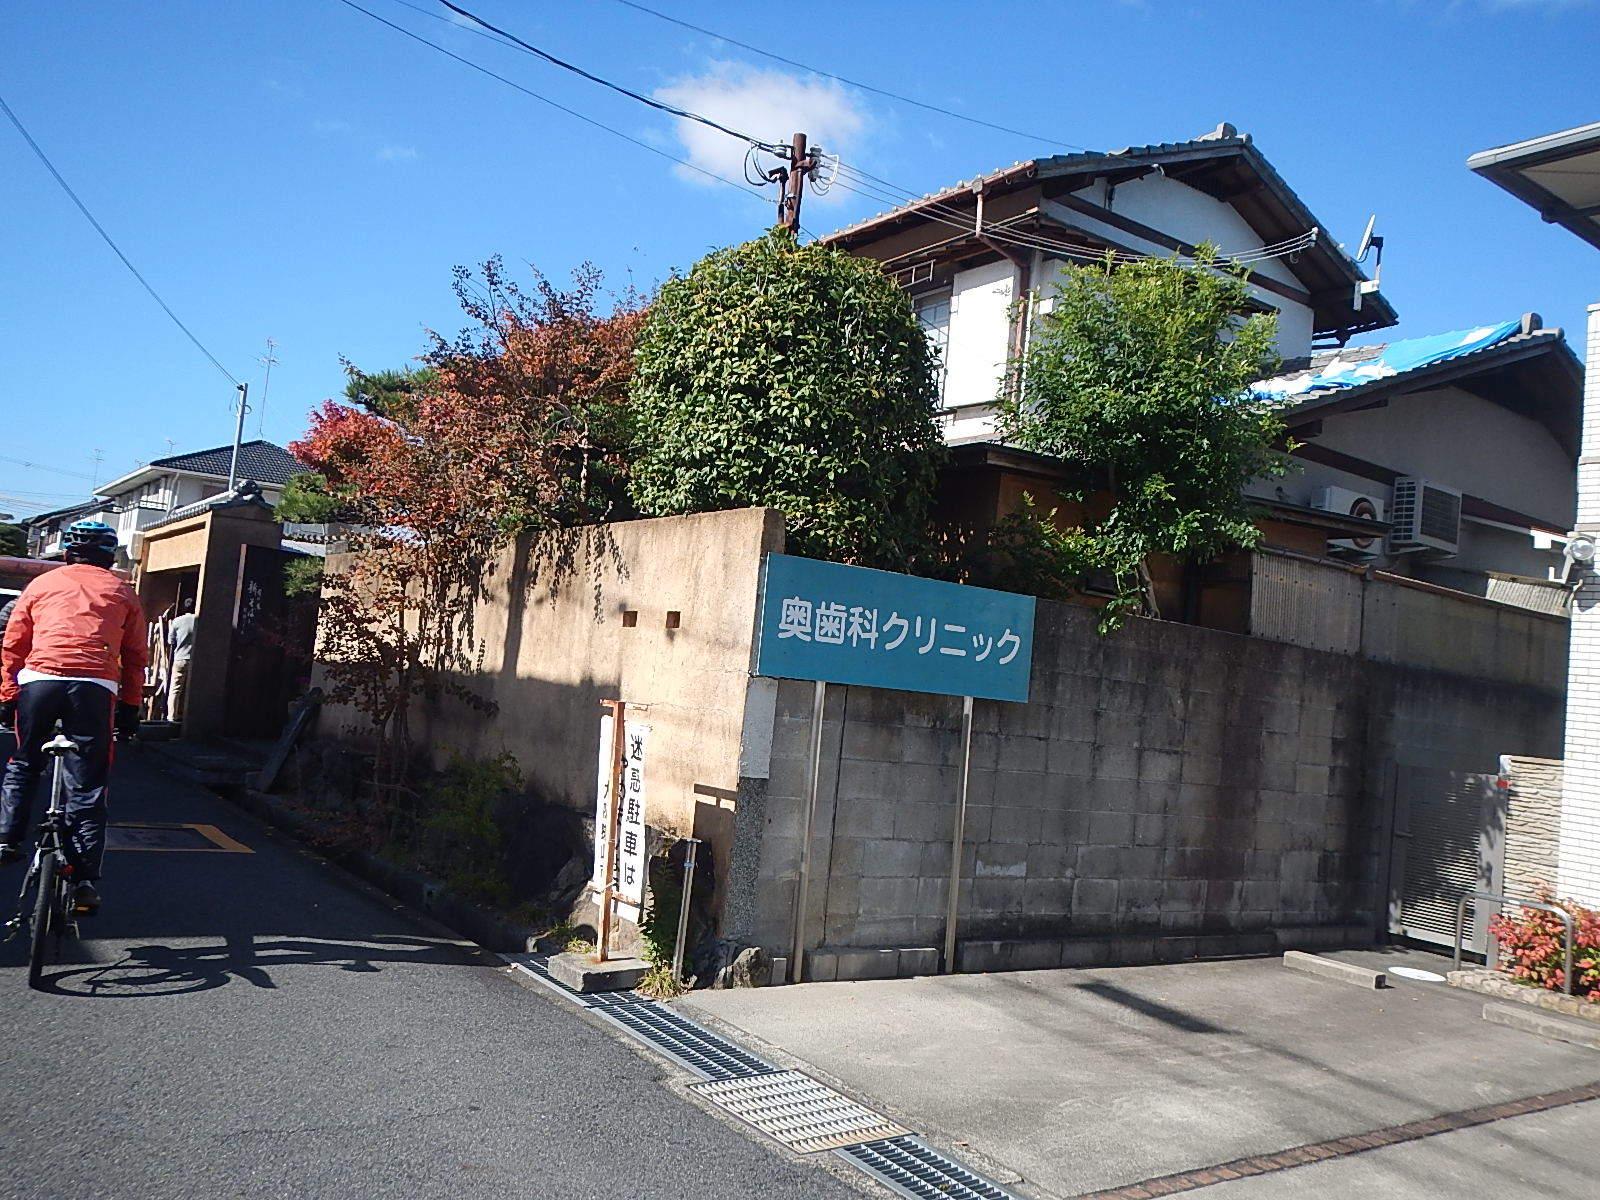 そば屋「藍」へ~ゆっくりポタリングを楽しむ会_a0386742_16595288.jpg